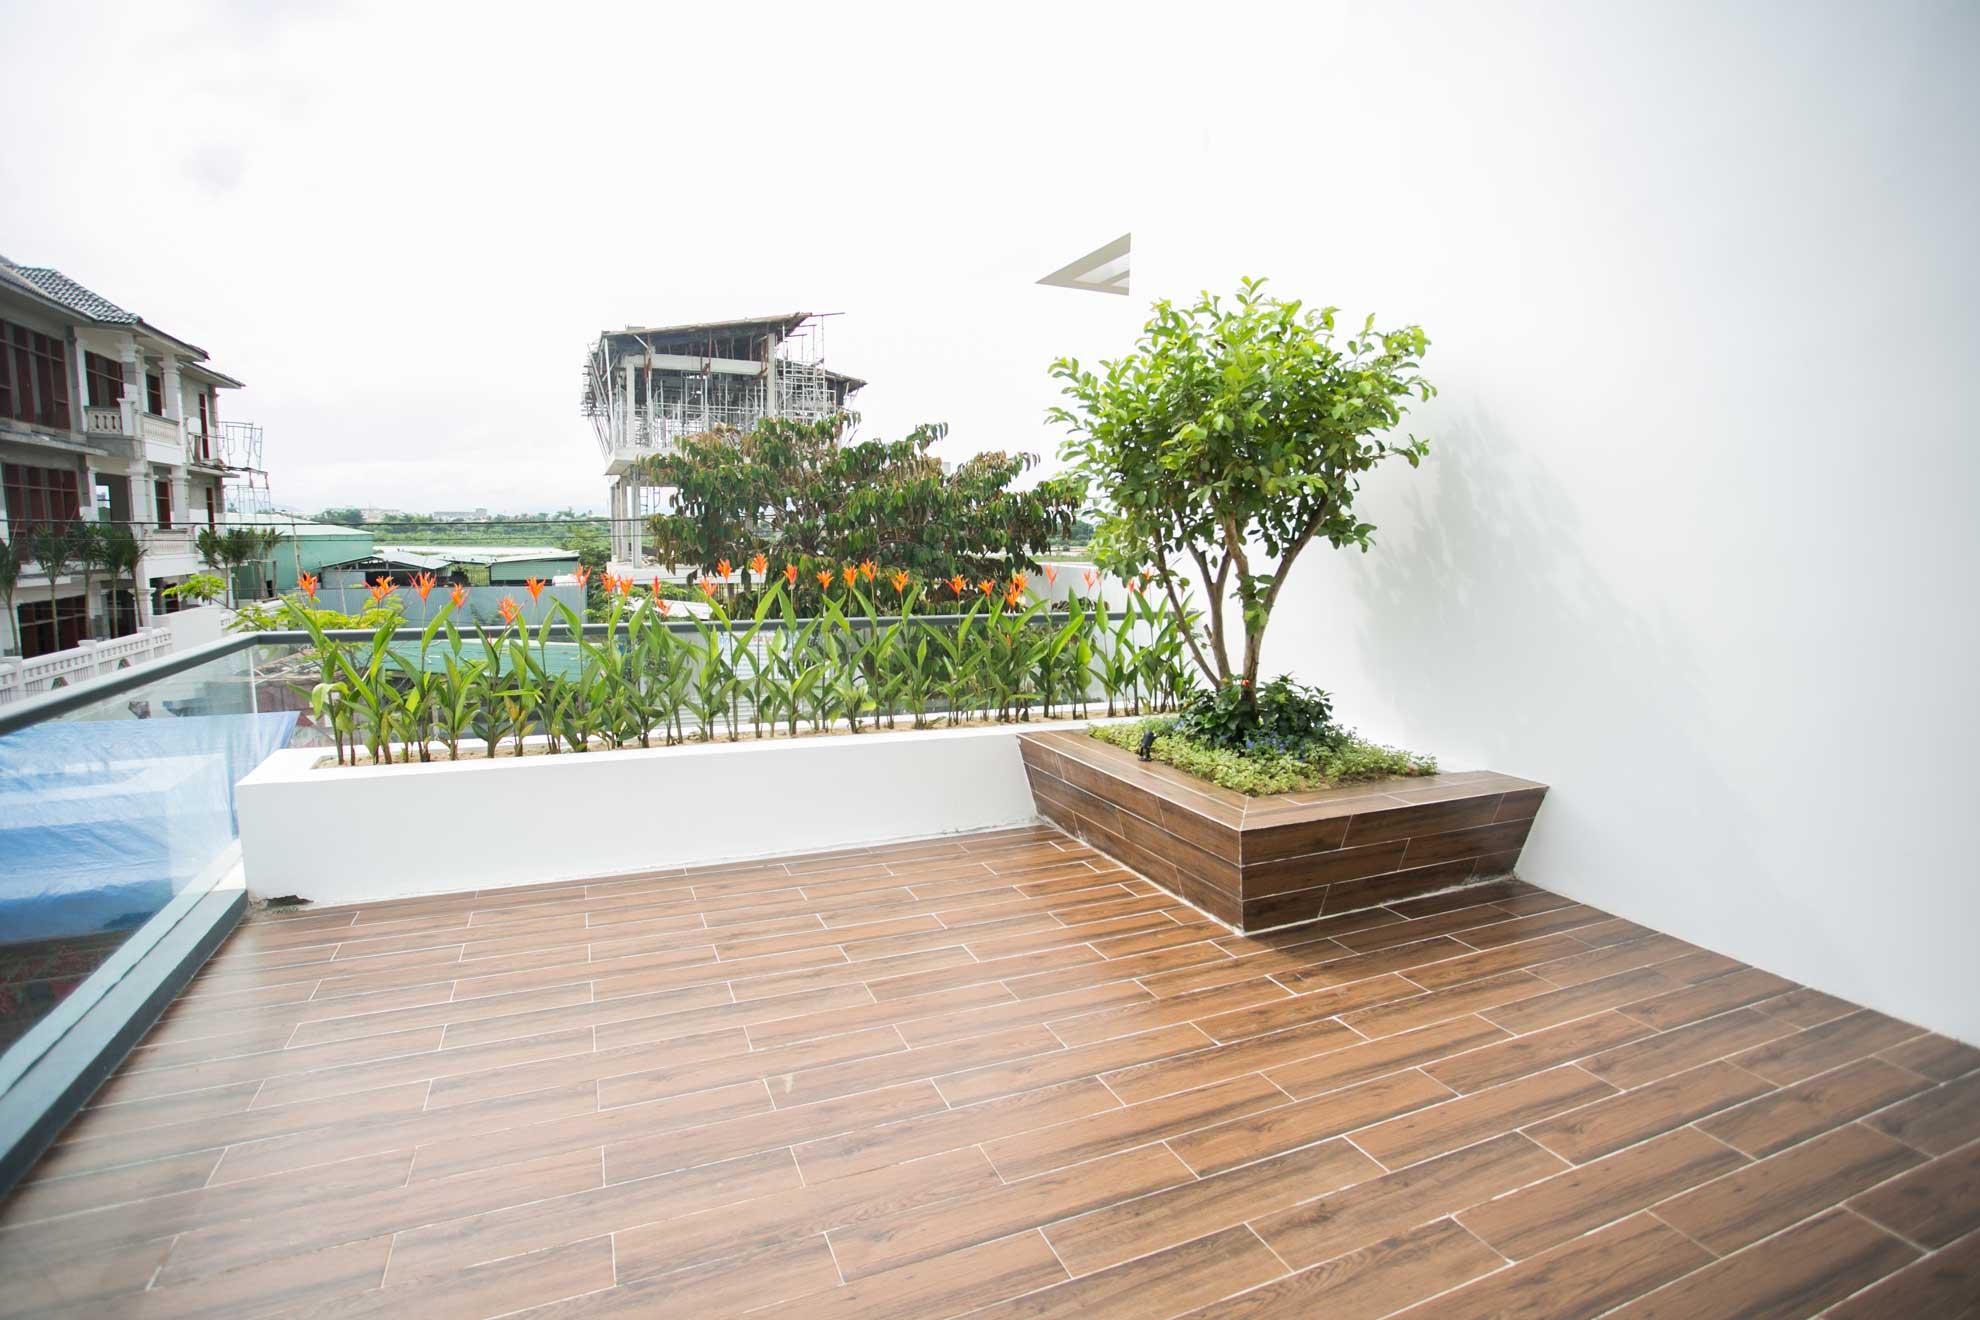 thiết kế Nhà tại Đà Nẵng BAO'S HOUSE 12 1551172108